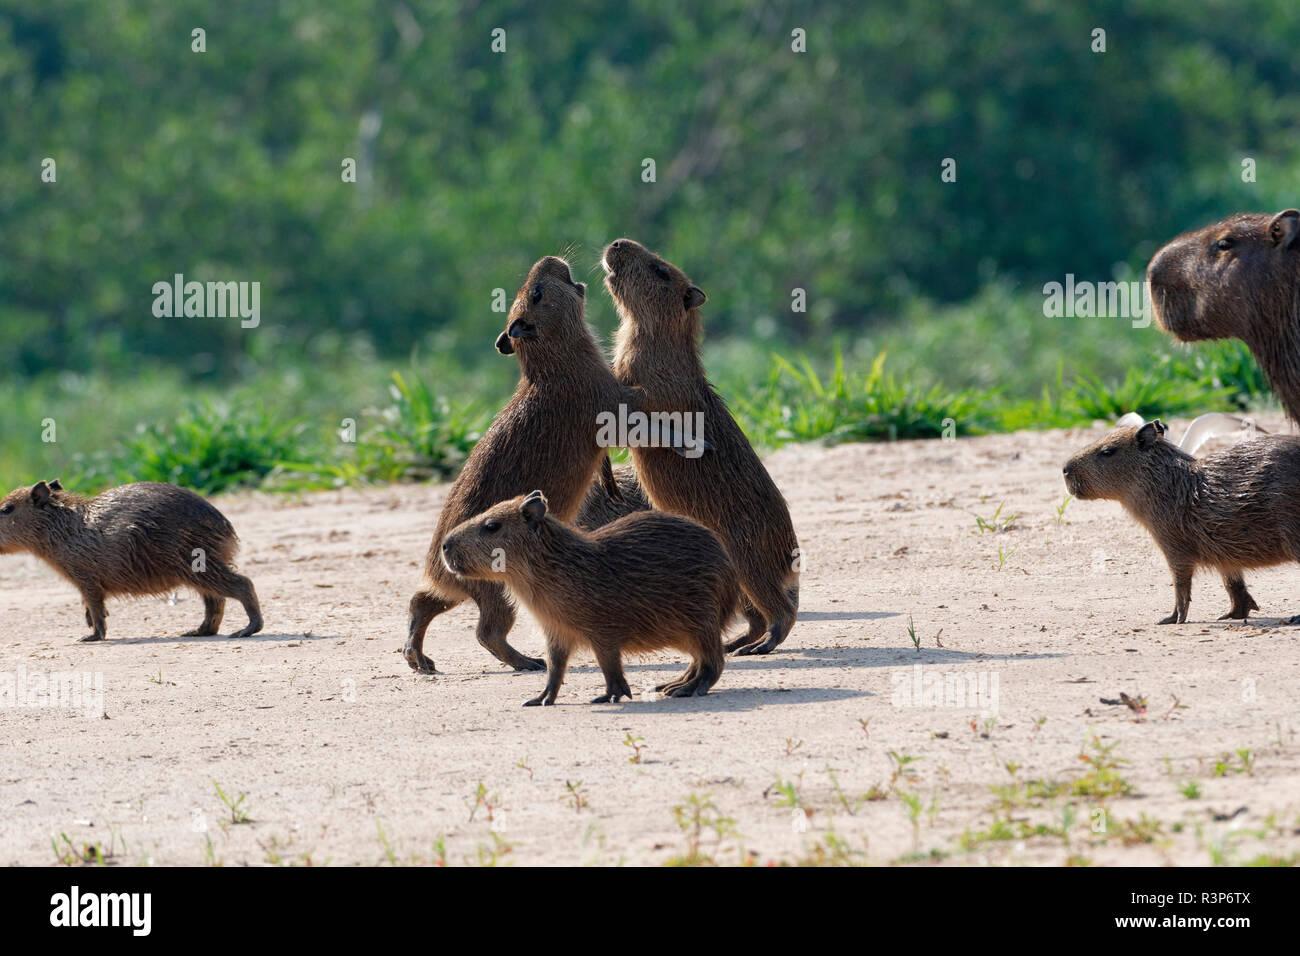 Capybara (Hydrochoerus hydrochaeris) young playing, Pantanal, Brazil - Stock Image